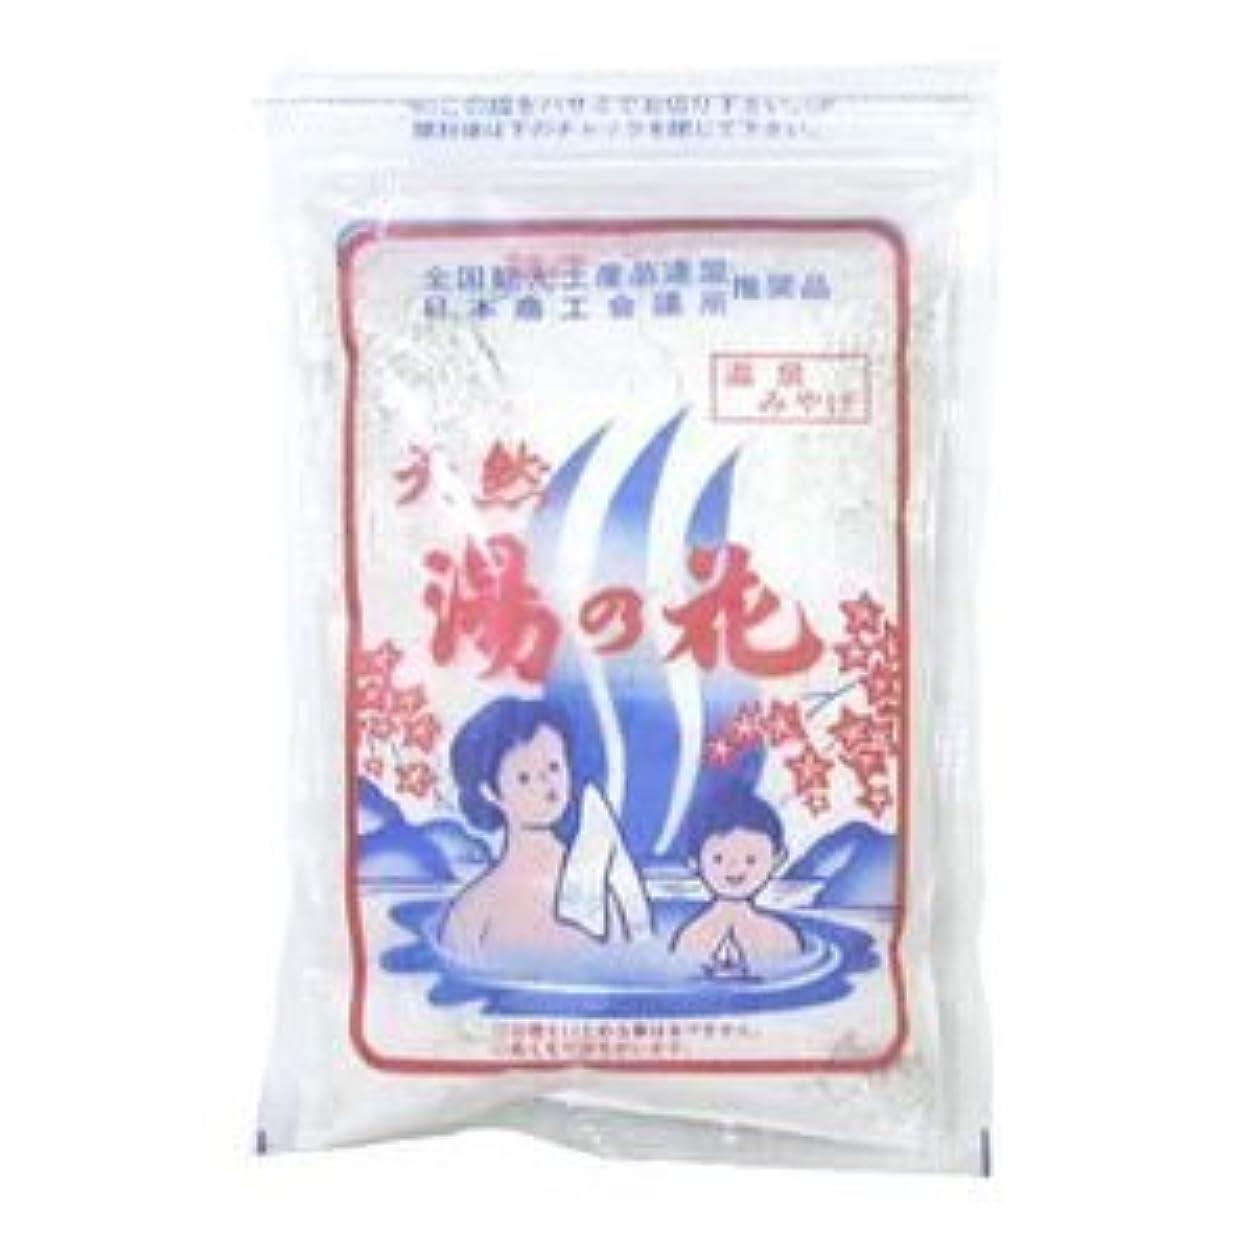 テレビルート甘美な【12個】 天然湯の花 (徳用) F-250 x 12個 (4936626000079-12)